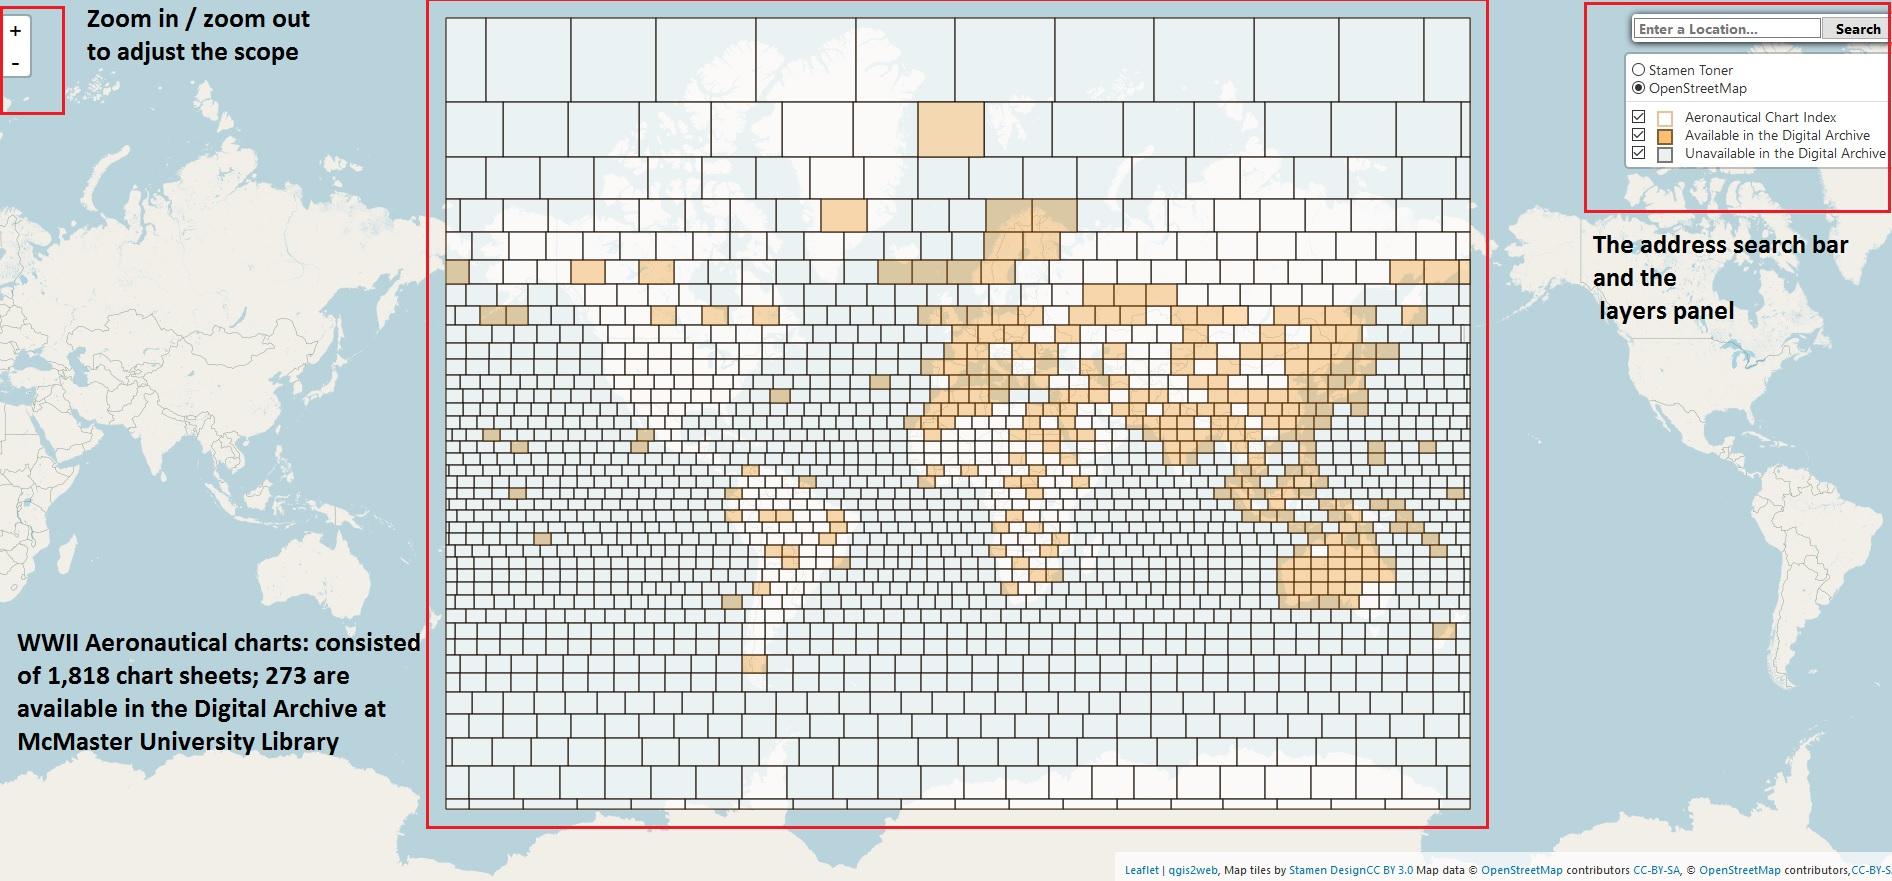 McMaster University's Aeronautical Charts Index